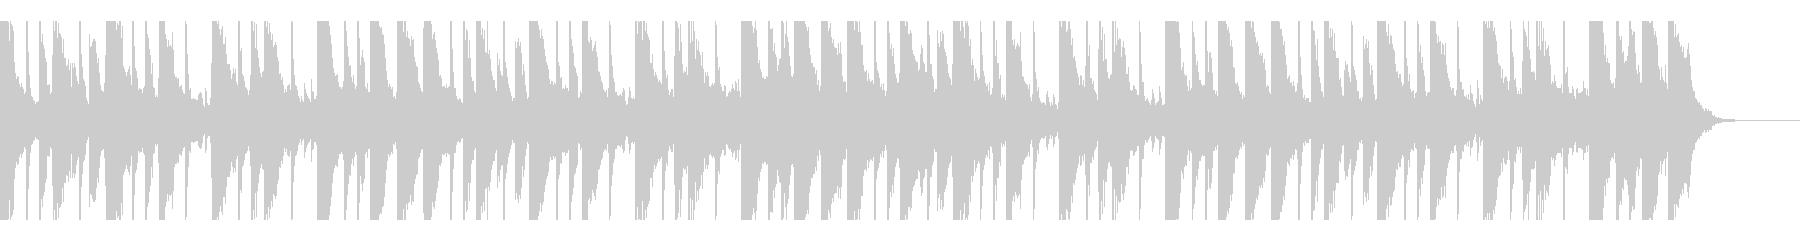 ピアノが切ないメロディーのBGMの未再生の波形